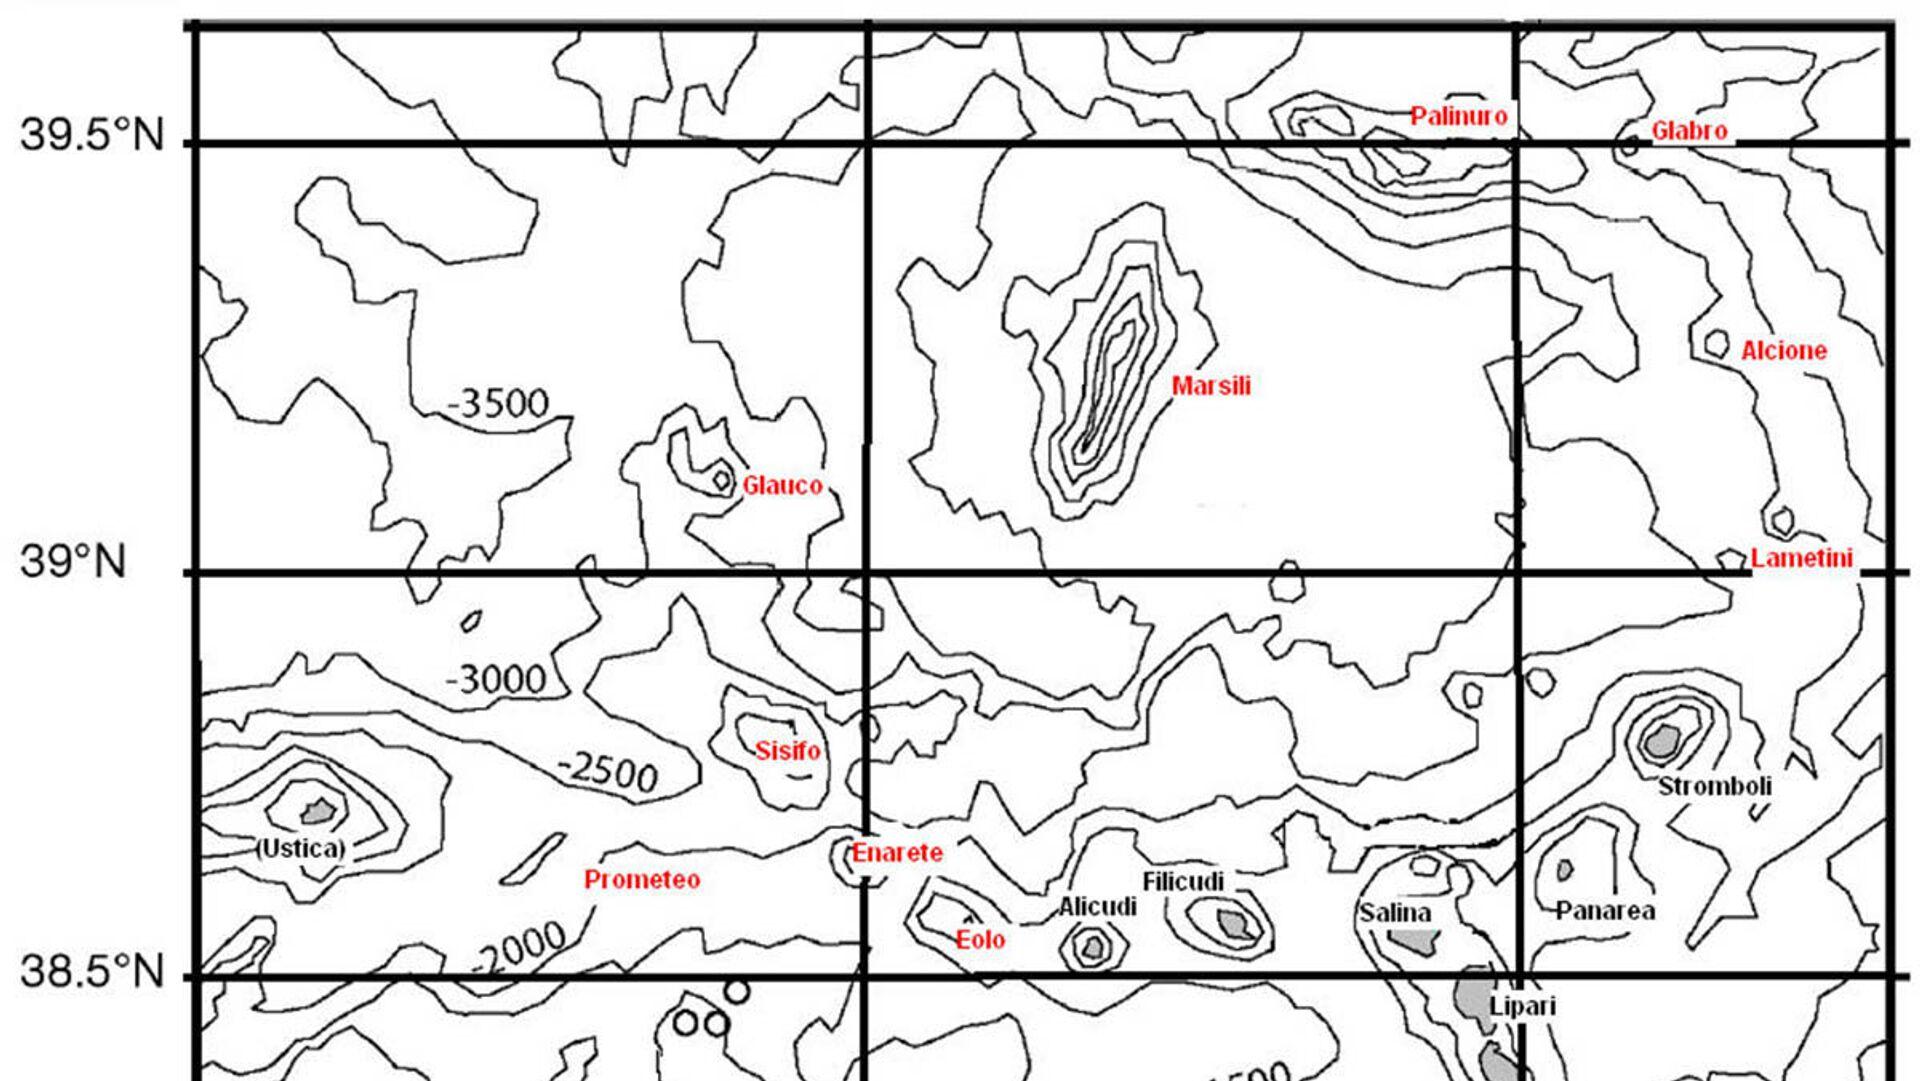 Il Marsili, un vulcano sottomarino localizzato nel Tirreno meridionale e appartenente all'arco insulare Eoliano - Sputnik Italia, 1920, 25.08.2021